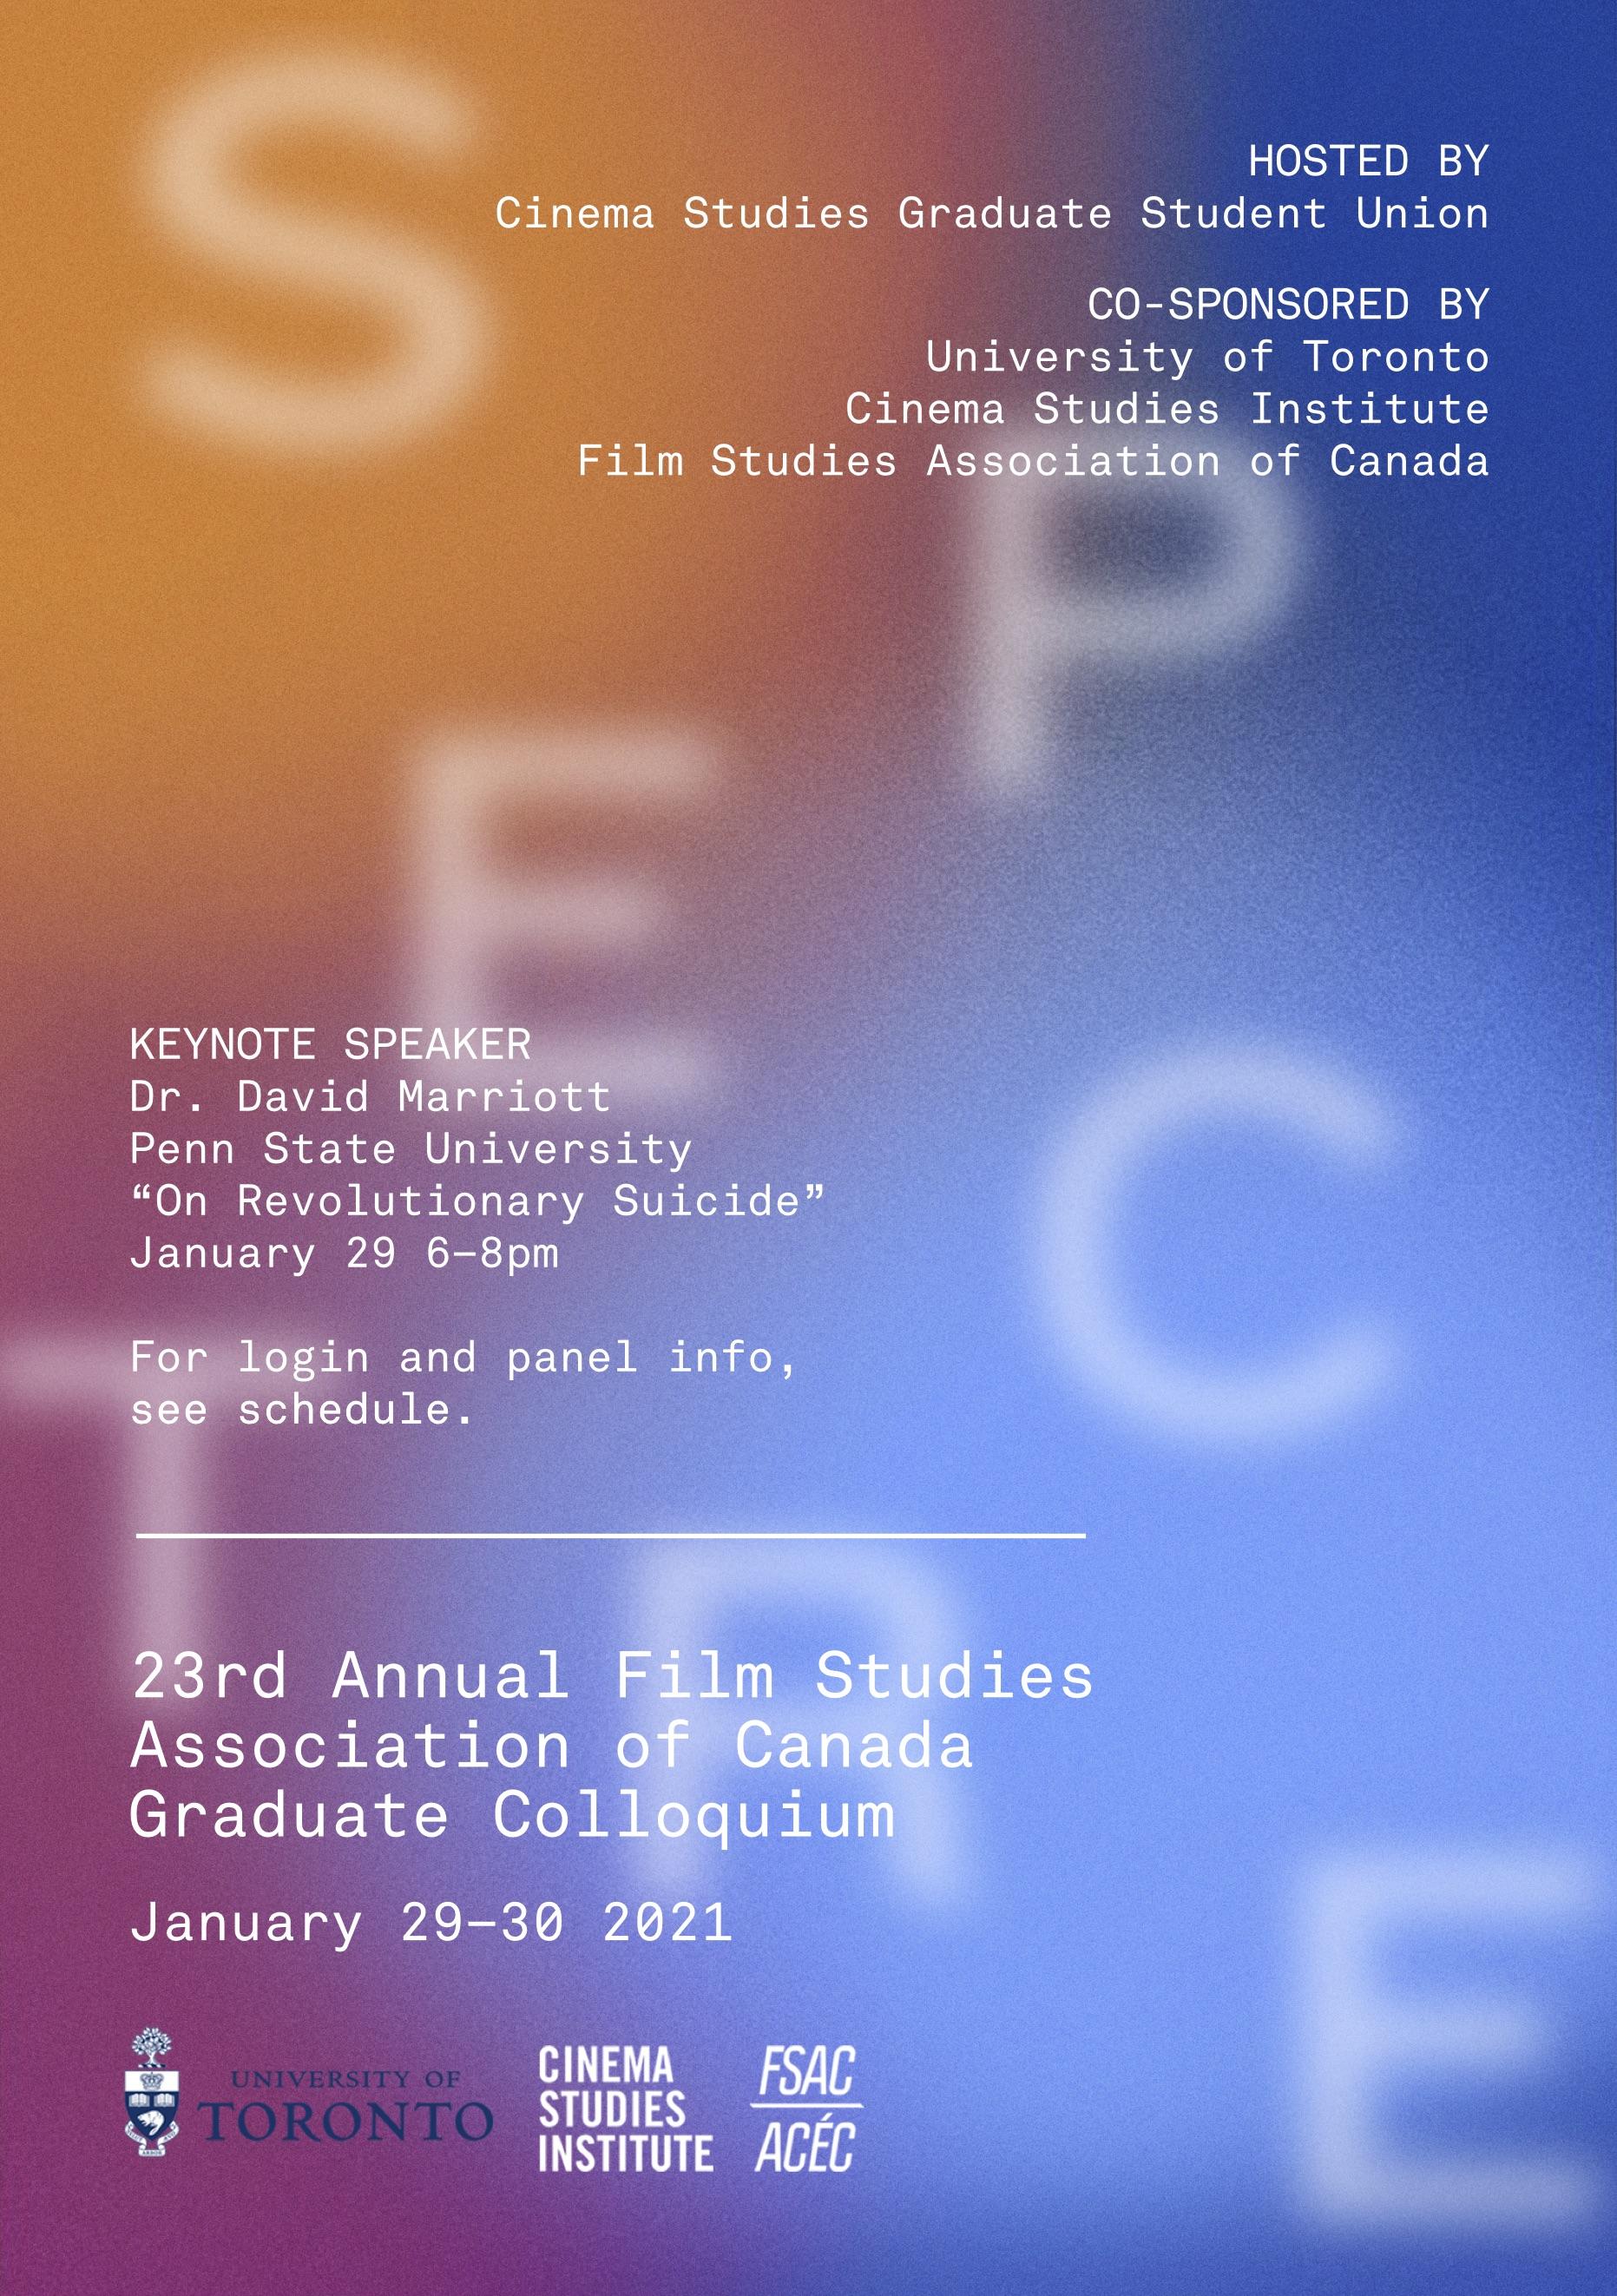 CSGSU FSAC Graduate Colloquium